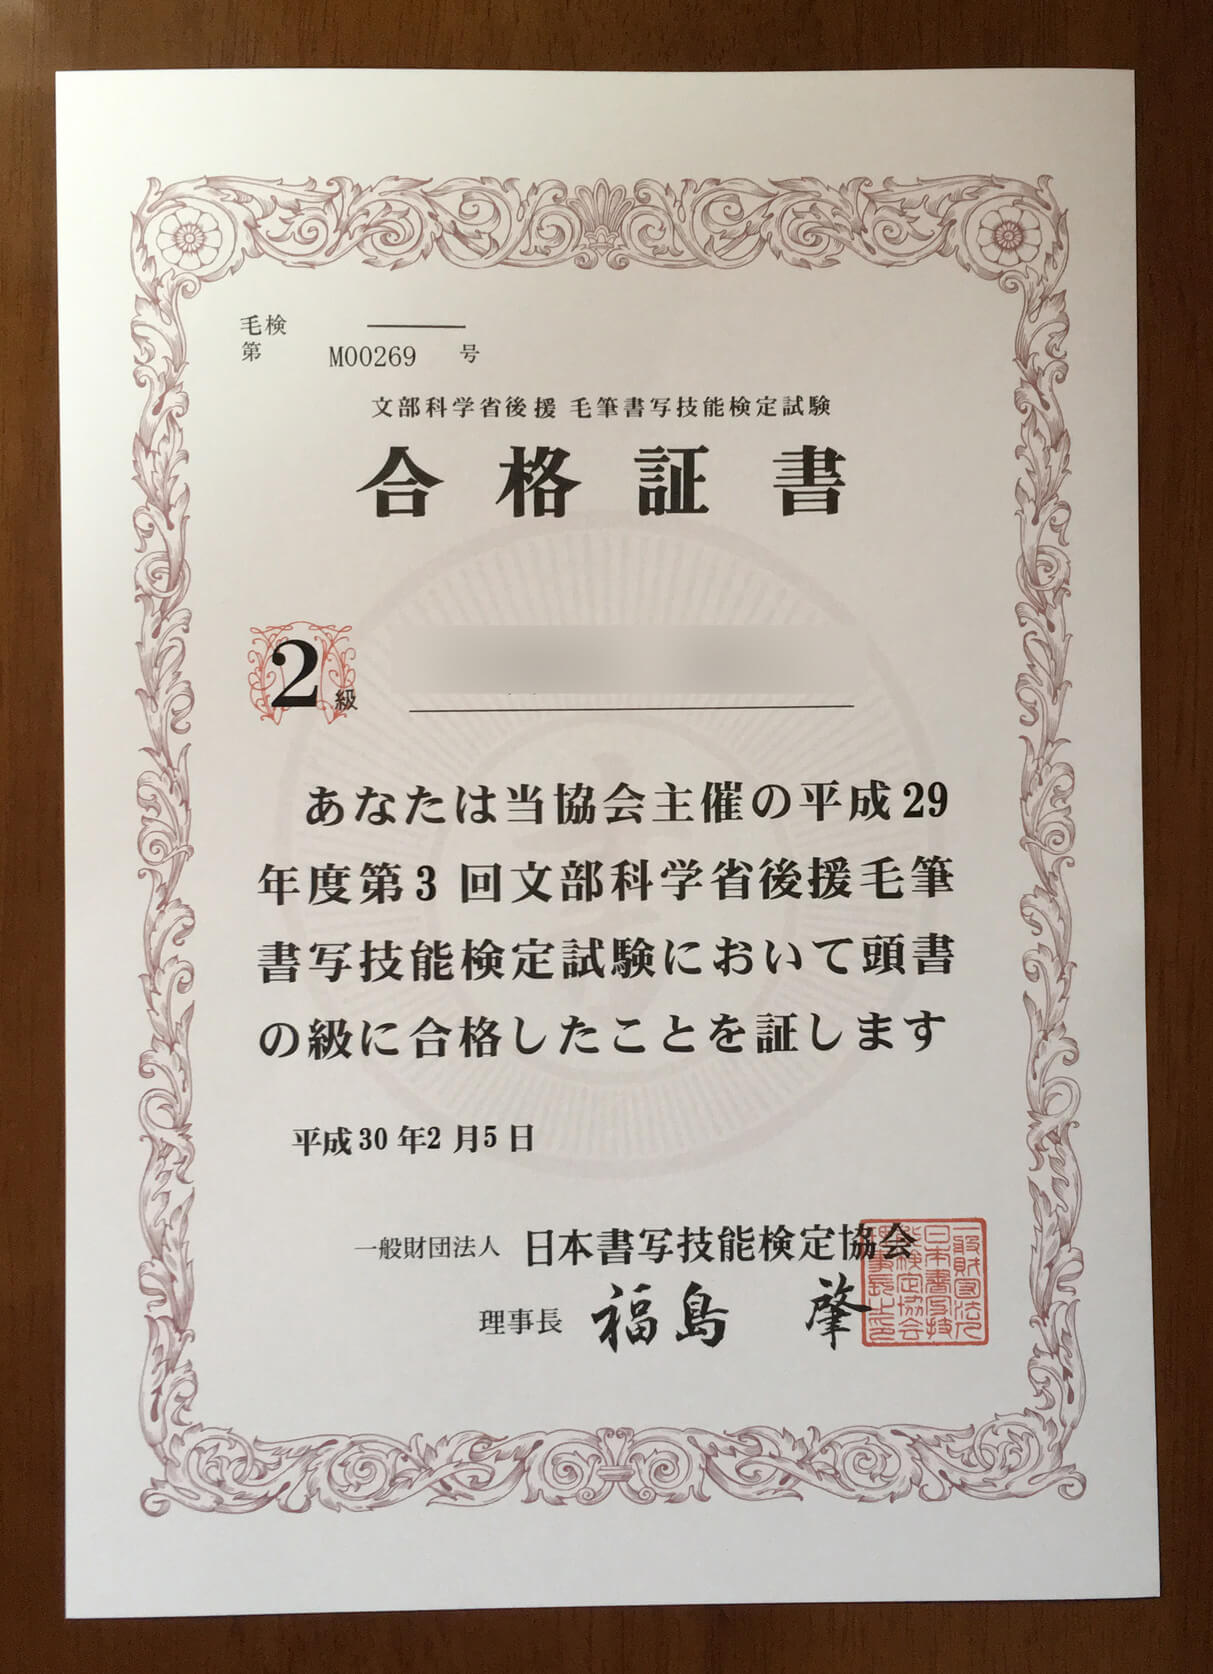 毛筆書写技能検定2級の合格証書